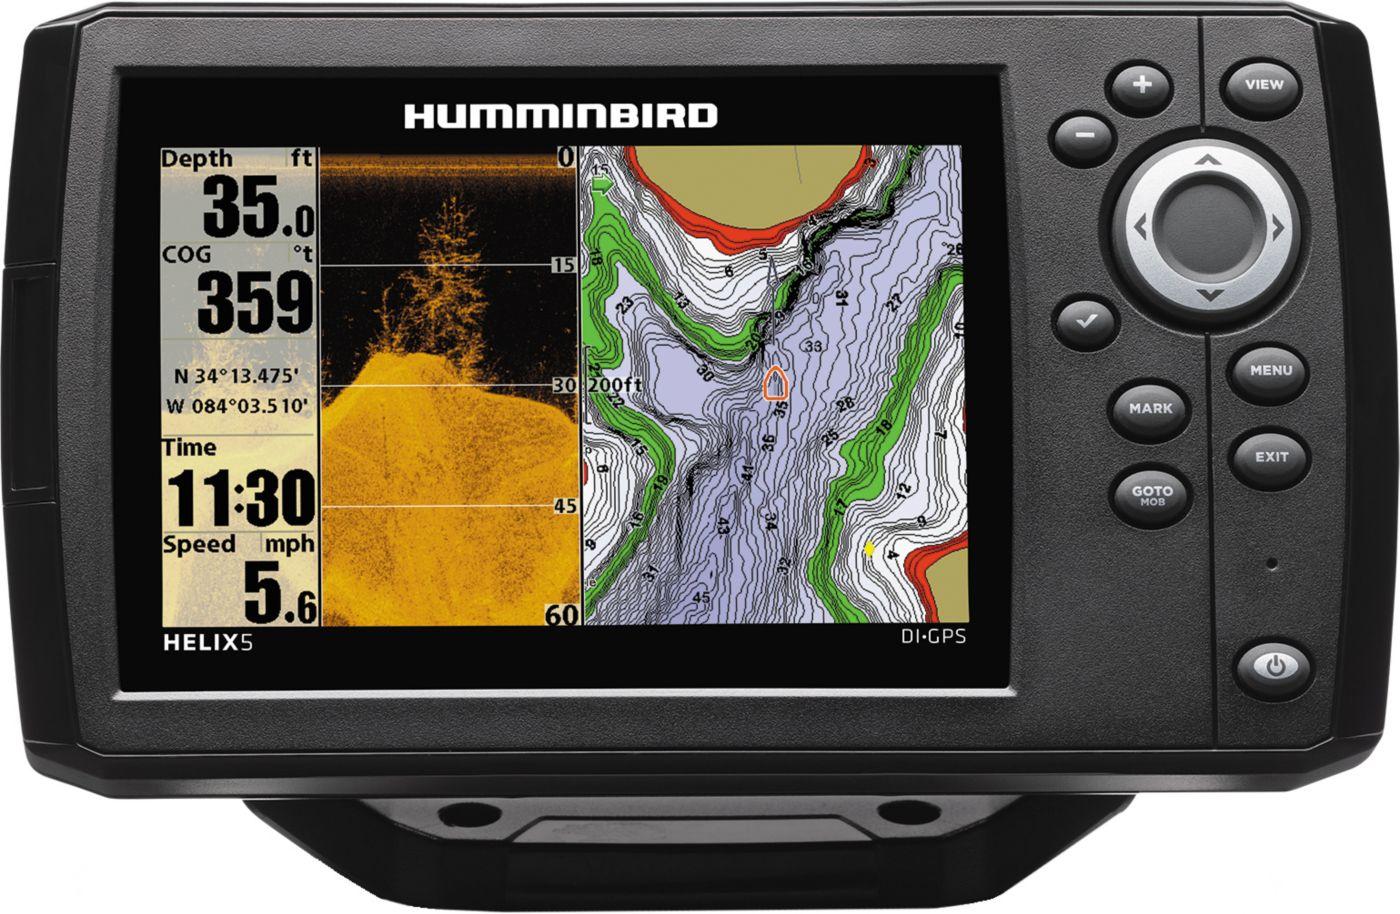 Humminbird Helix 5 G2 DI GPS Fish Finder (410220-1)